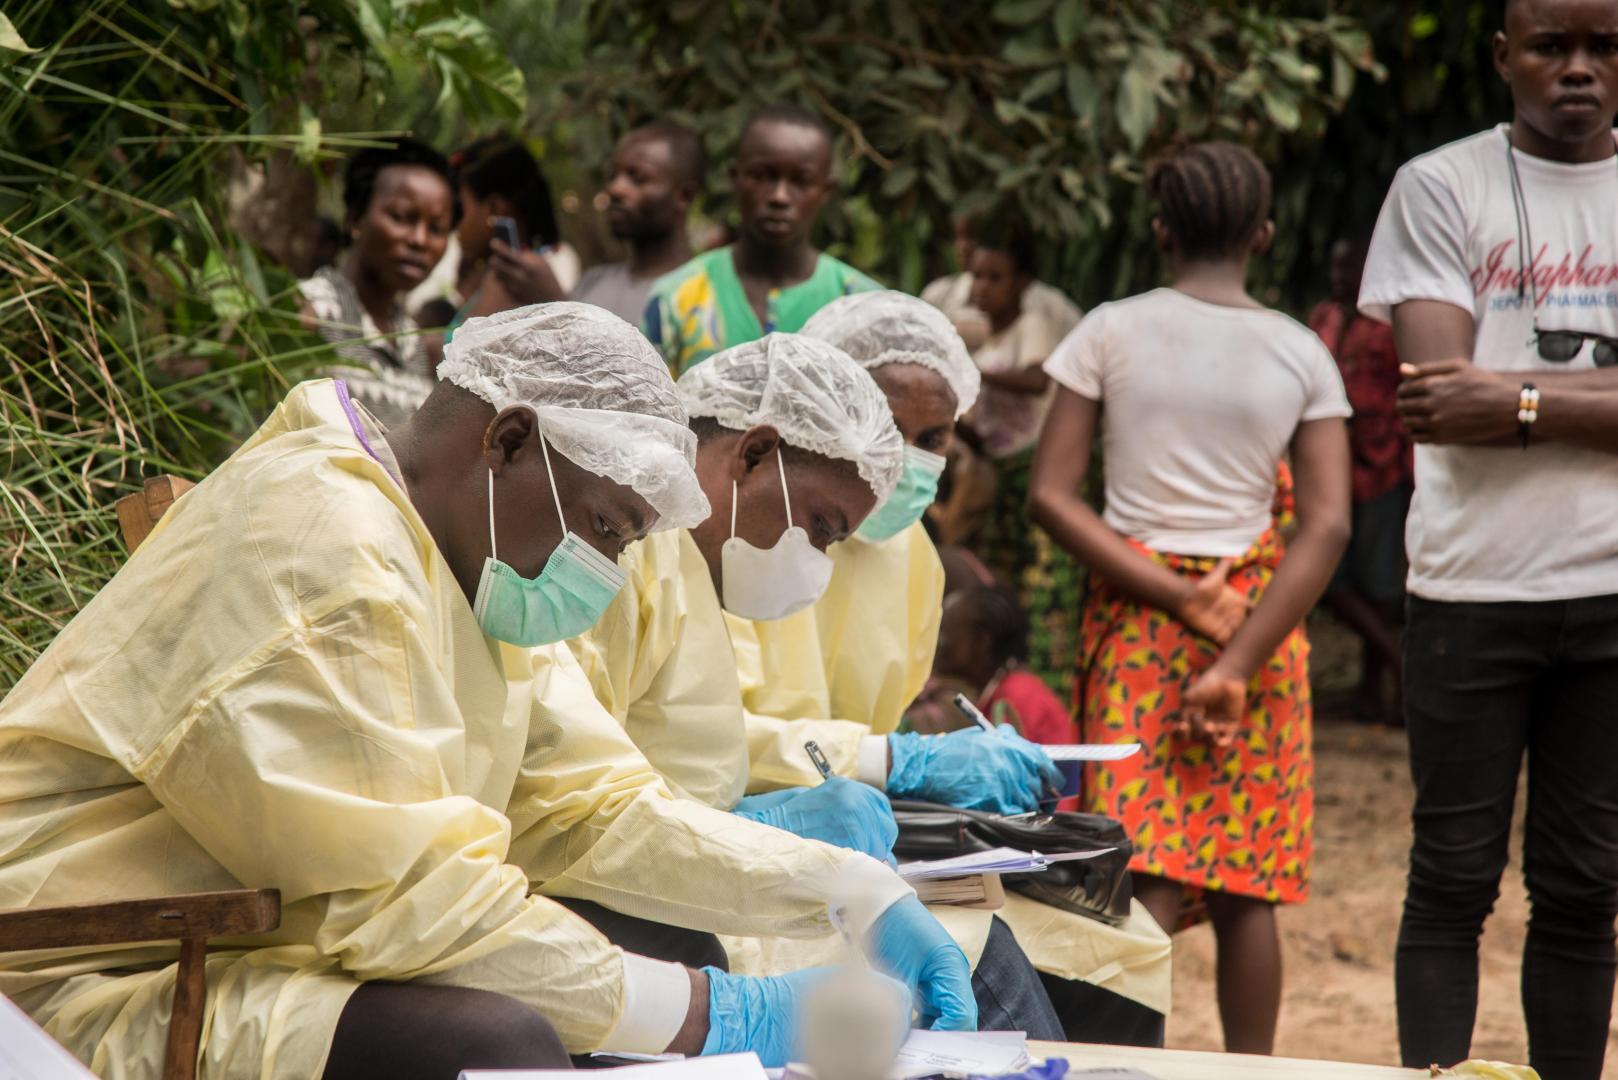 Nach der Entdeckung eines bestätigten Ebola-Falls bereiteten medizinische Mitarbeiter ein Haus in Moto, Bikoro, Provinz Equateur, Demokratische Republik Kongo, vor und desinfizierten es.